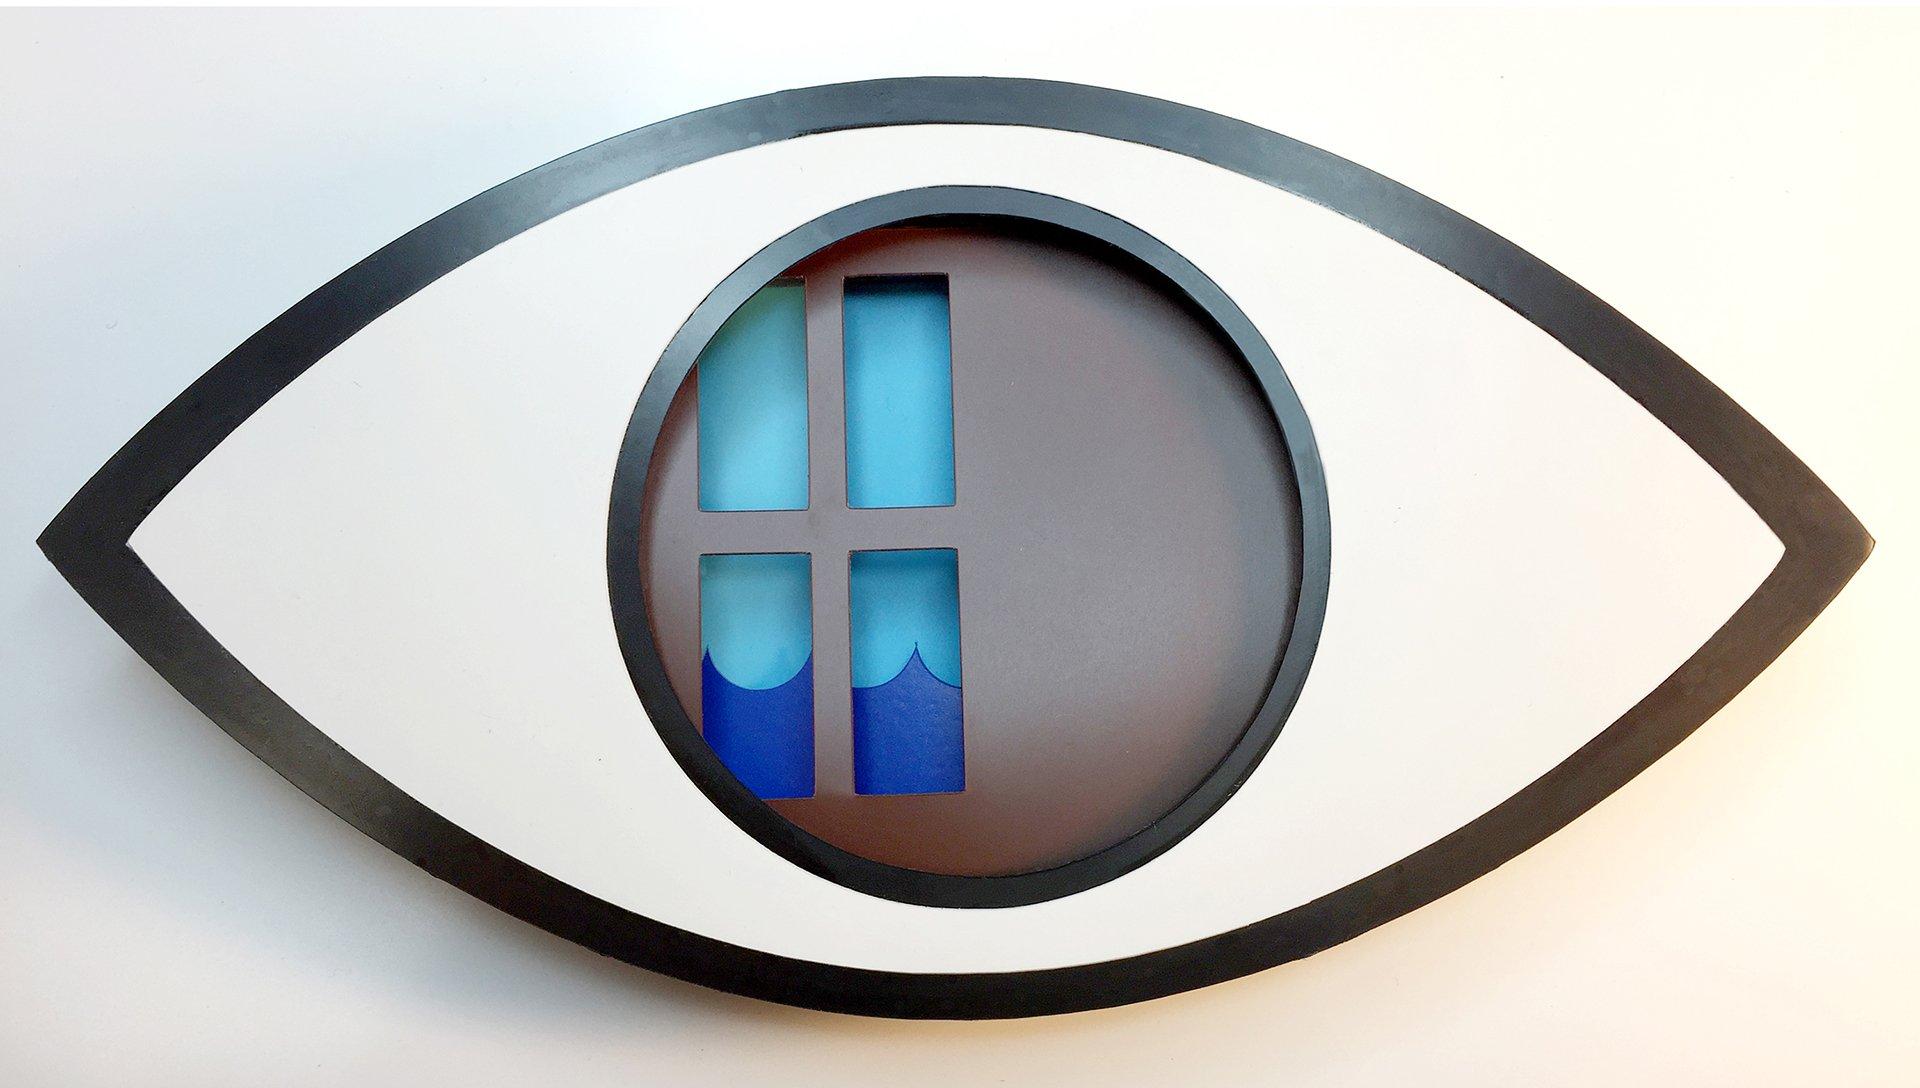 eyeScene #3 - Mini Personality Test - Water in the Window